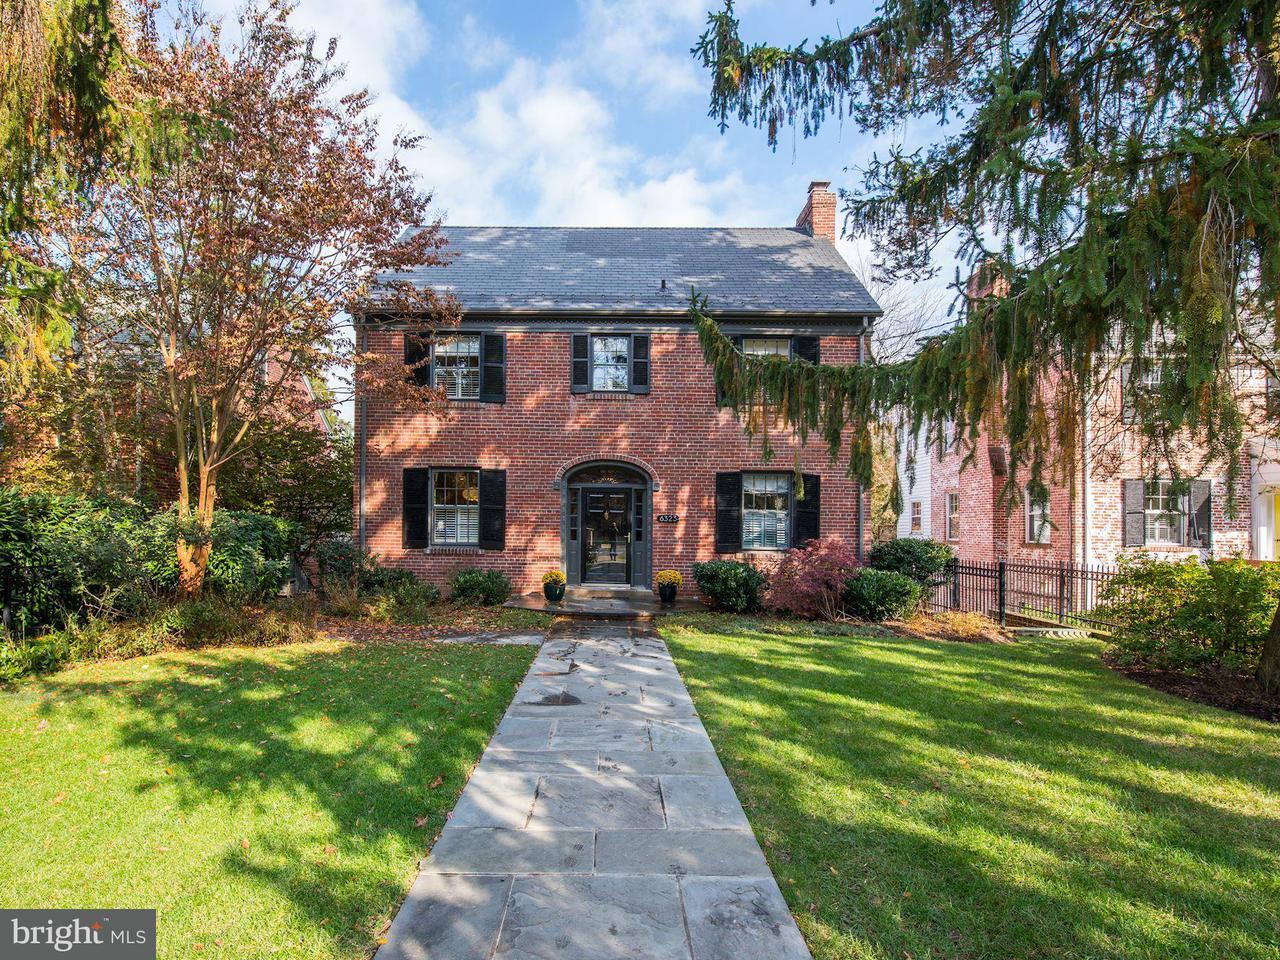 Частный односемейный дом для того Продажа на 6323 UTAH AVE NW 6323 UTAH AVE NW Washington, Округ Колумбия 20015 Соединенные Штаты